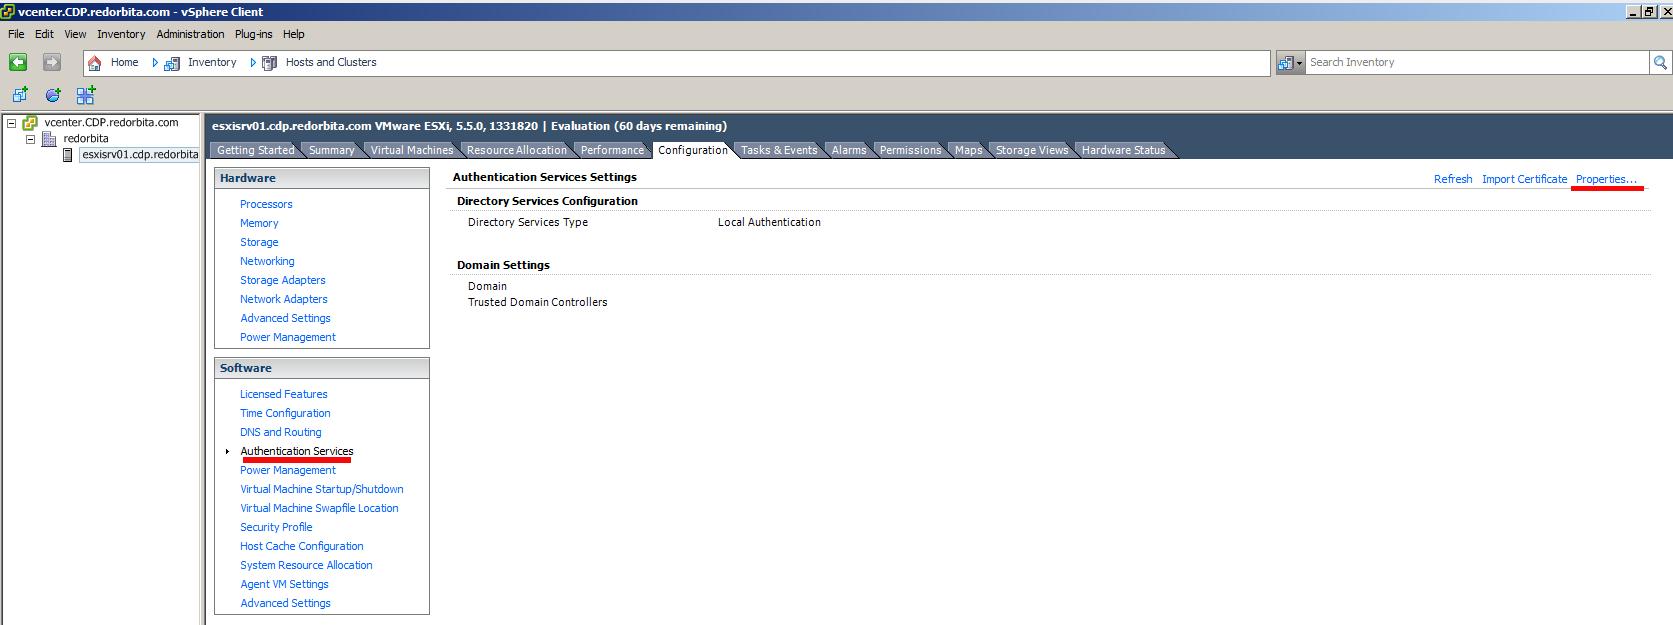 Captura de pantalla de 2014-10-03 17:08:12